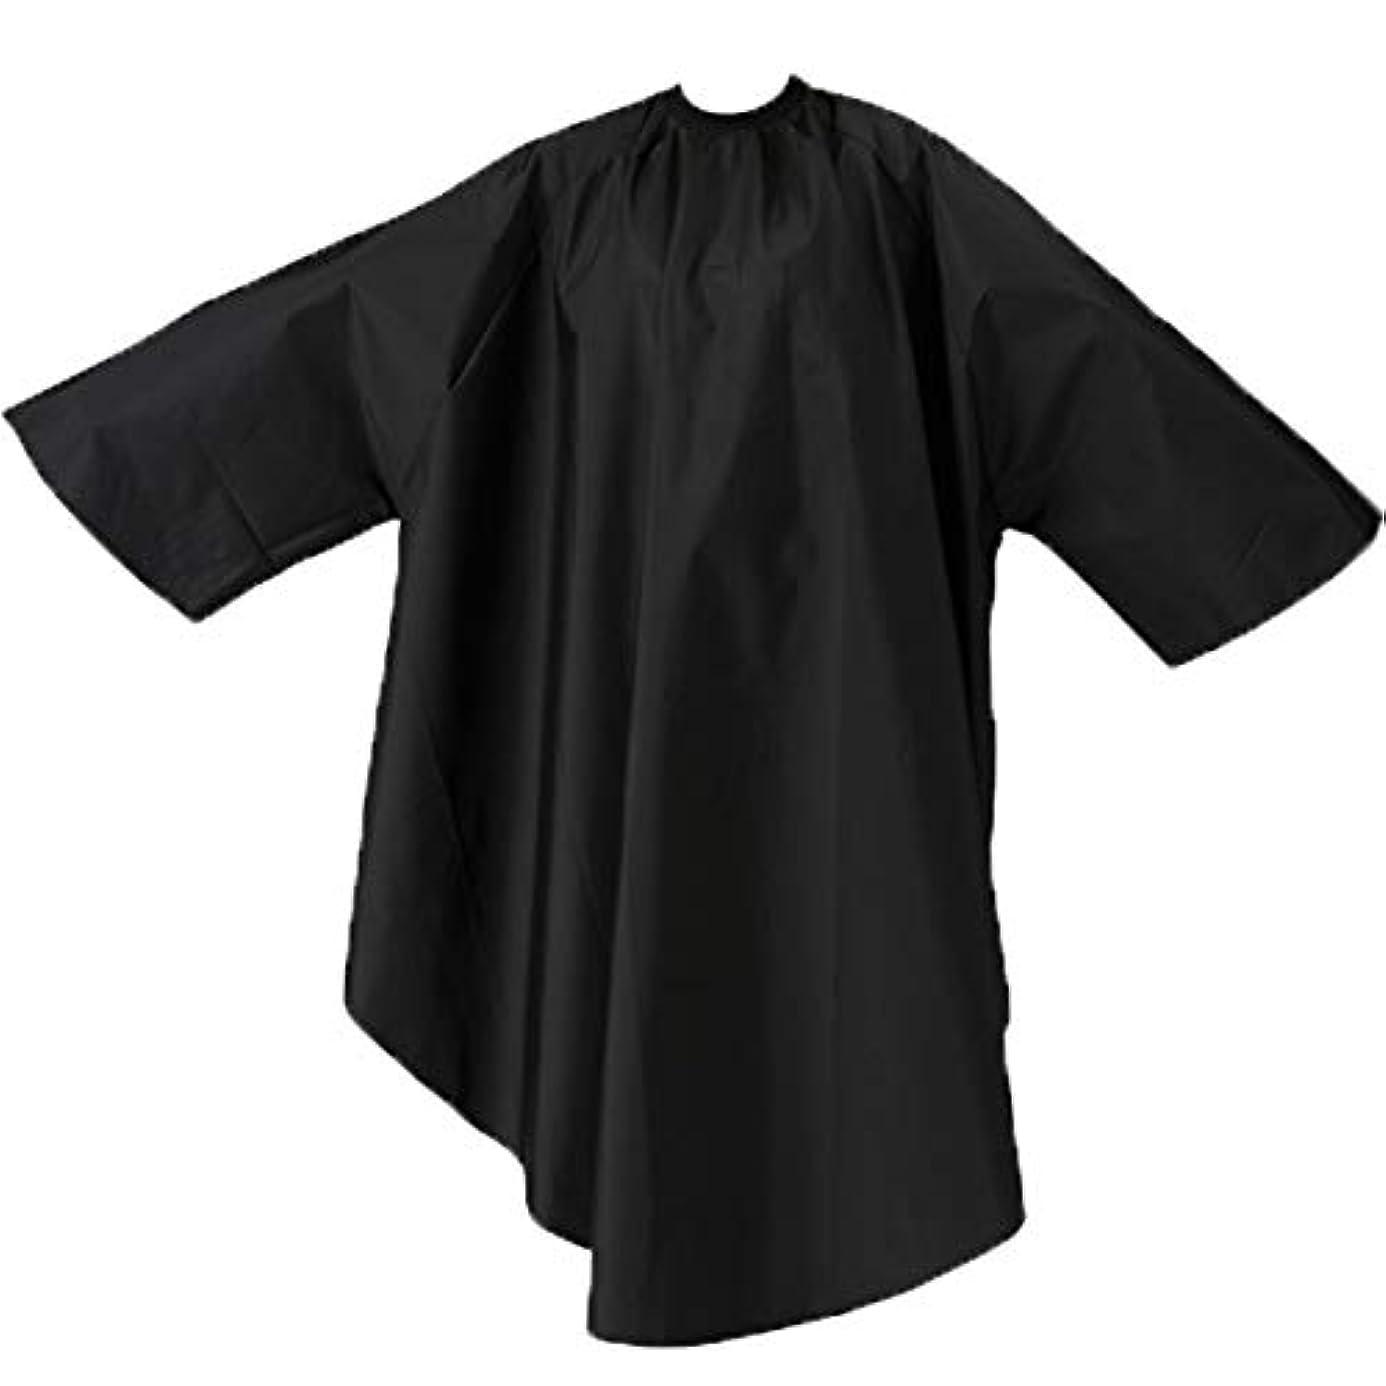 正しい人里離れたあらゆる種類のエルコ 9762 ザ?クロス SKITT II 袖付 ヘアダイ&カットクロス ナイロン100% ヘアカラー/散髪ケープ/カットクロス/刈布 ELCO (首回り52cm, ブラック)